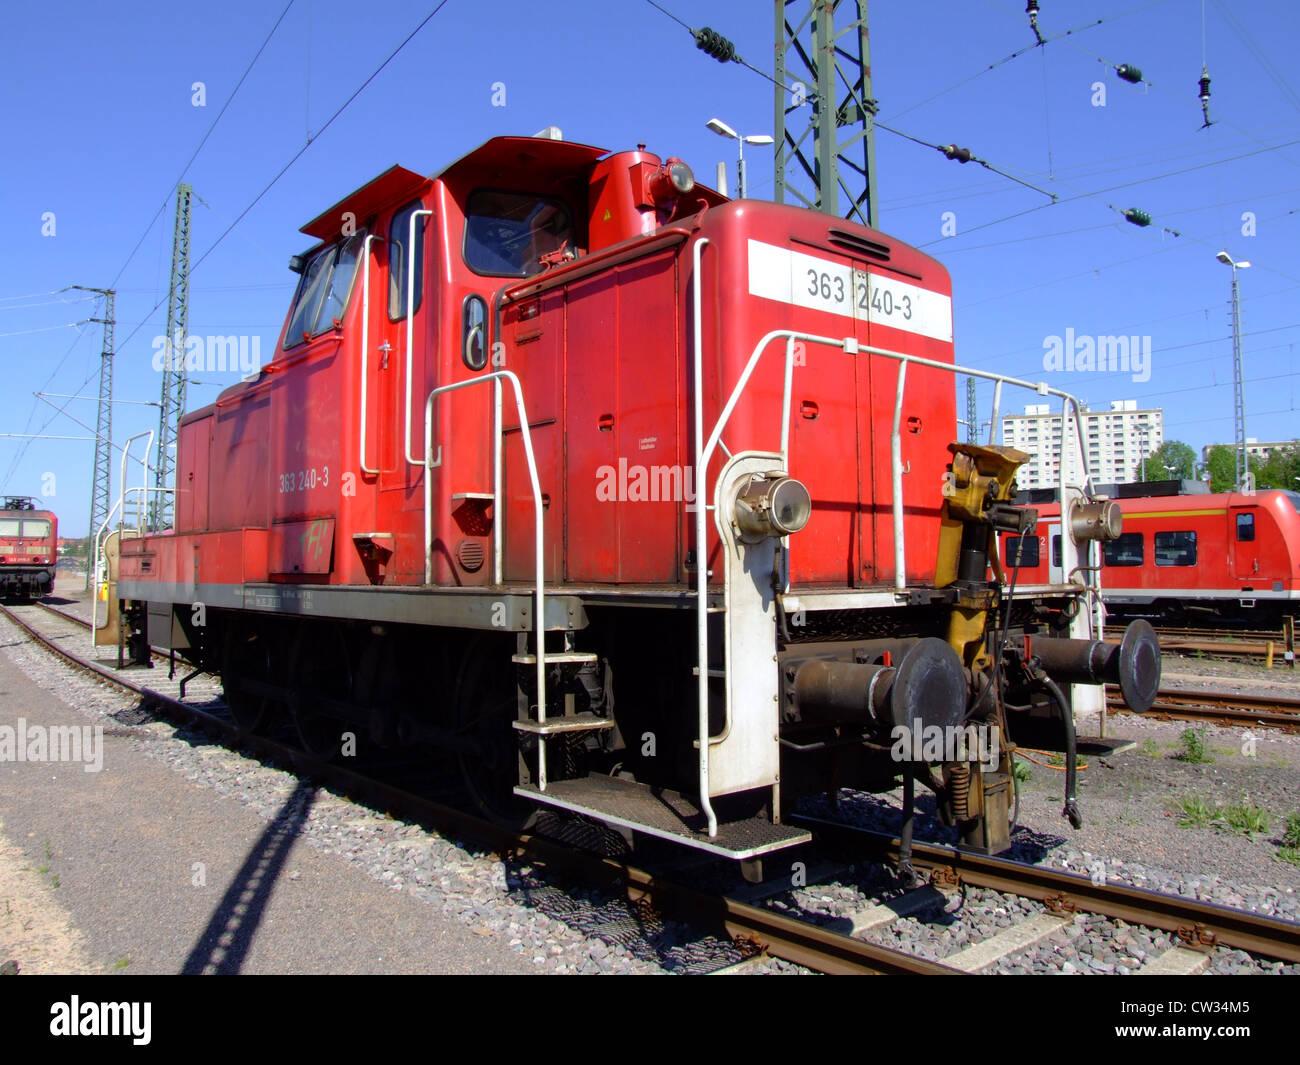 Diesellokomotiven Der Deutschen Bahn Db 363 240 3 Bei Saarbrücken